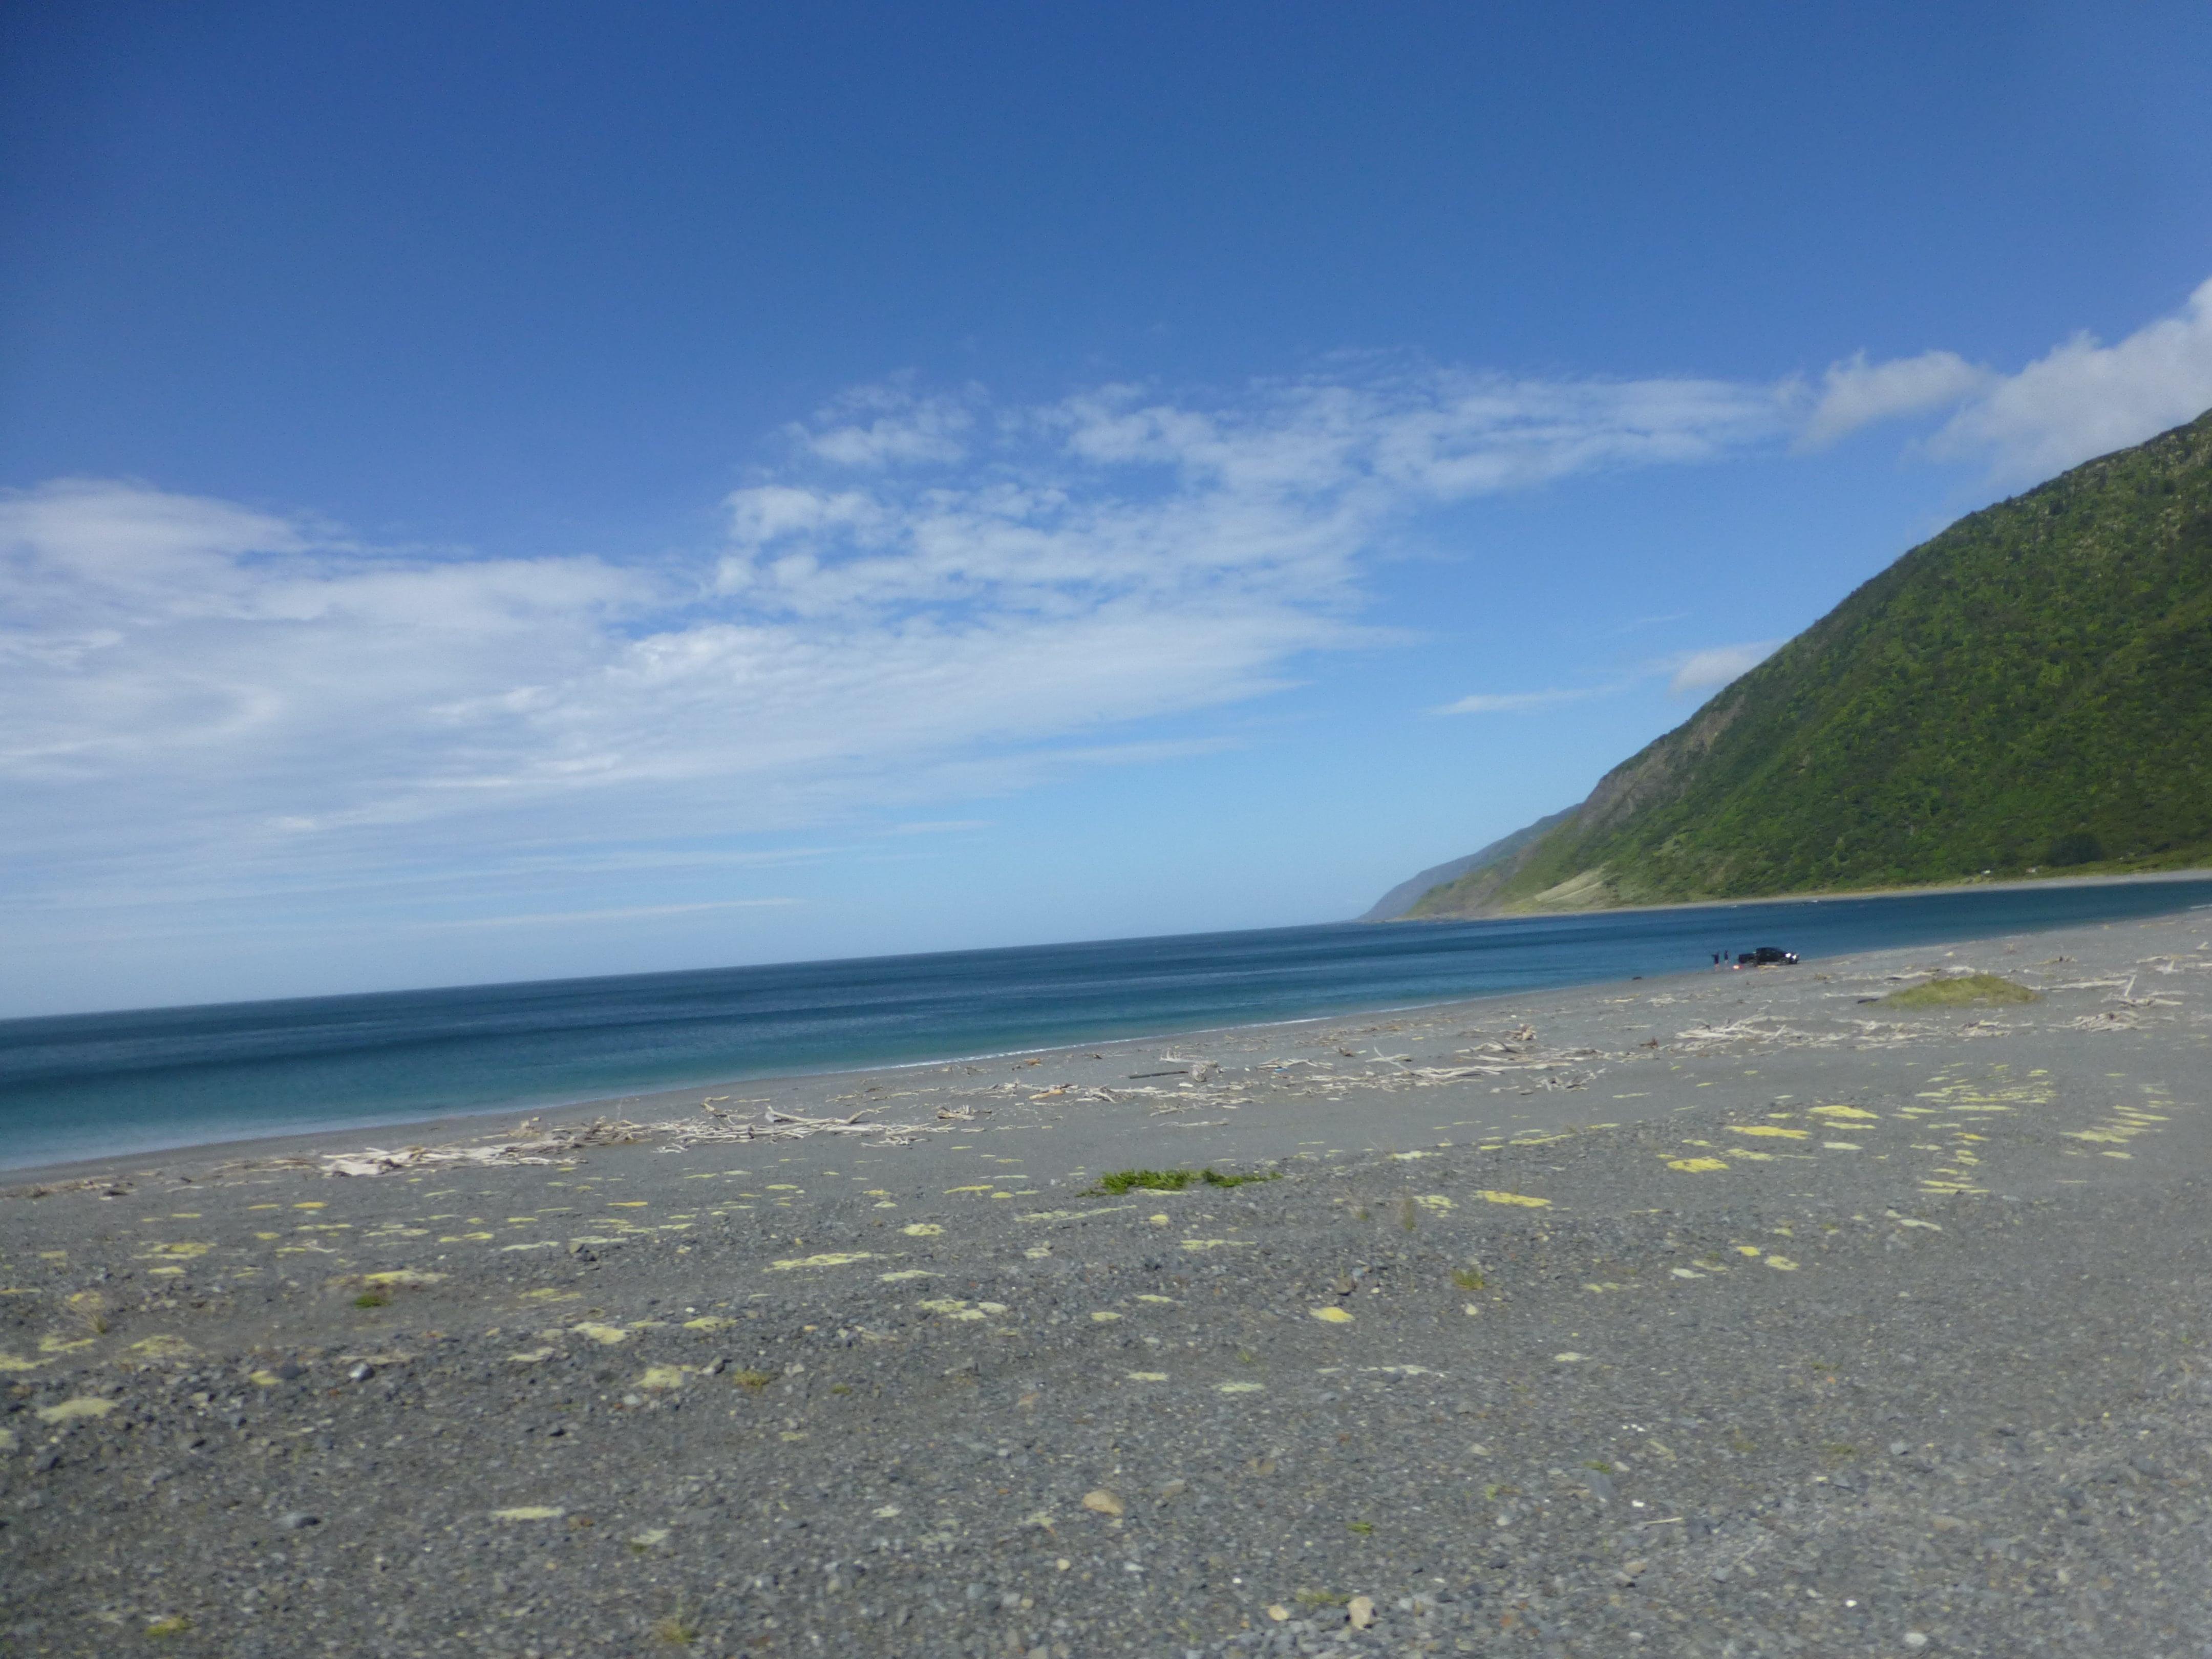 Weit-weg.reisen, Palliser Bay bei Corner Creek 3